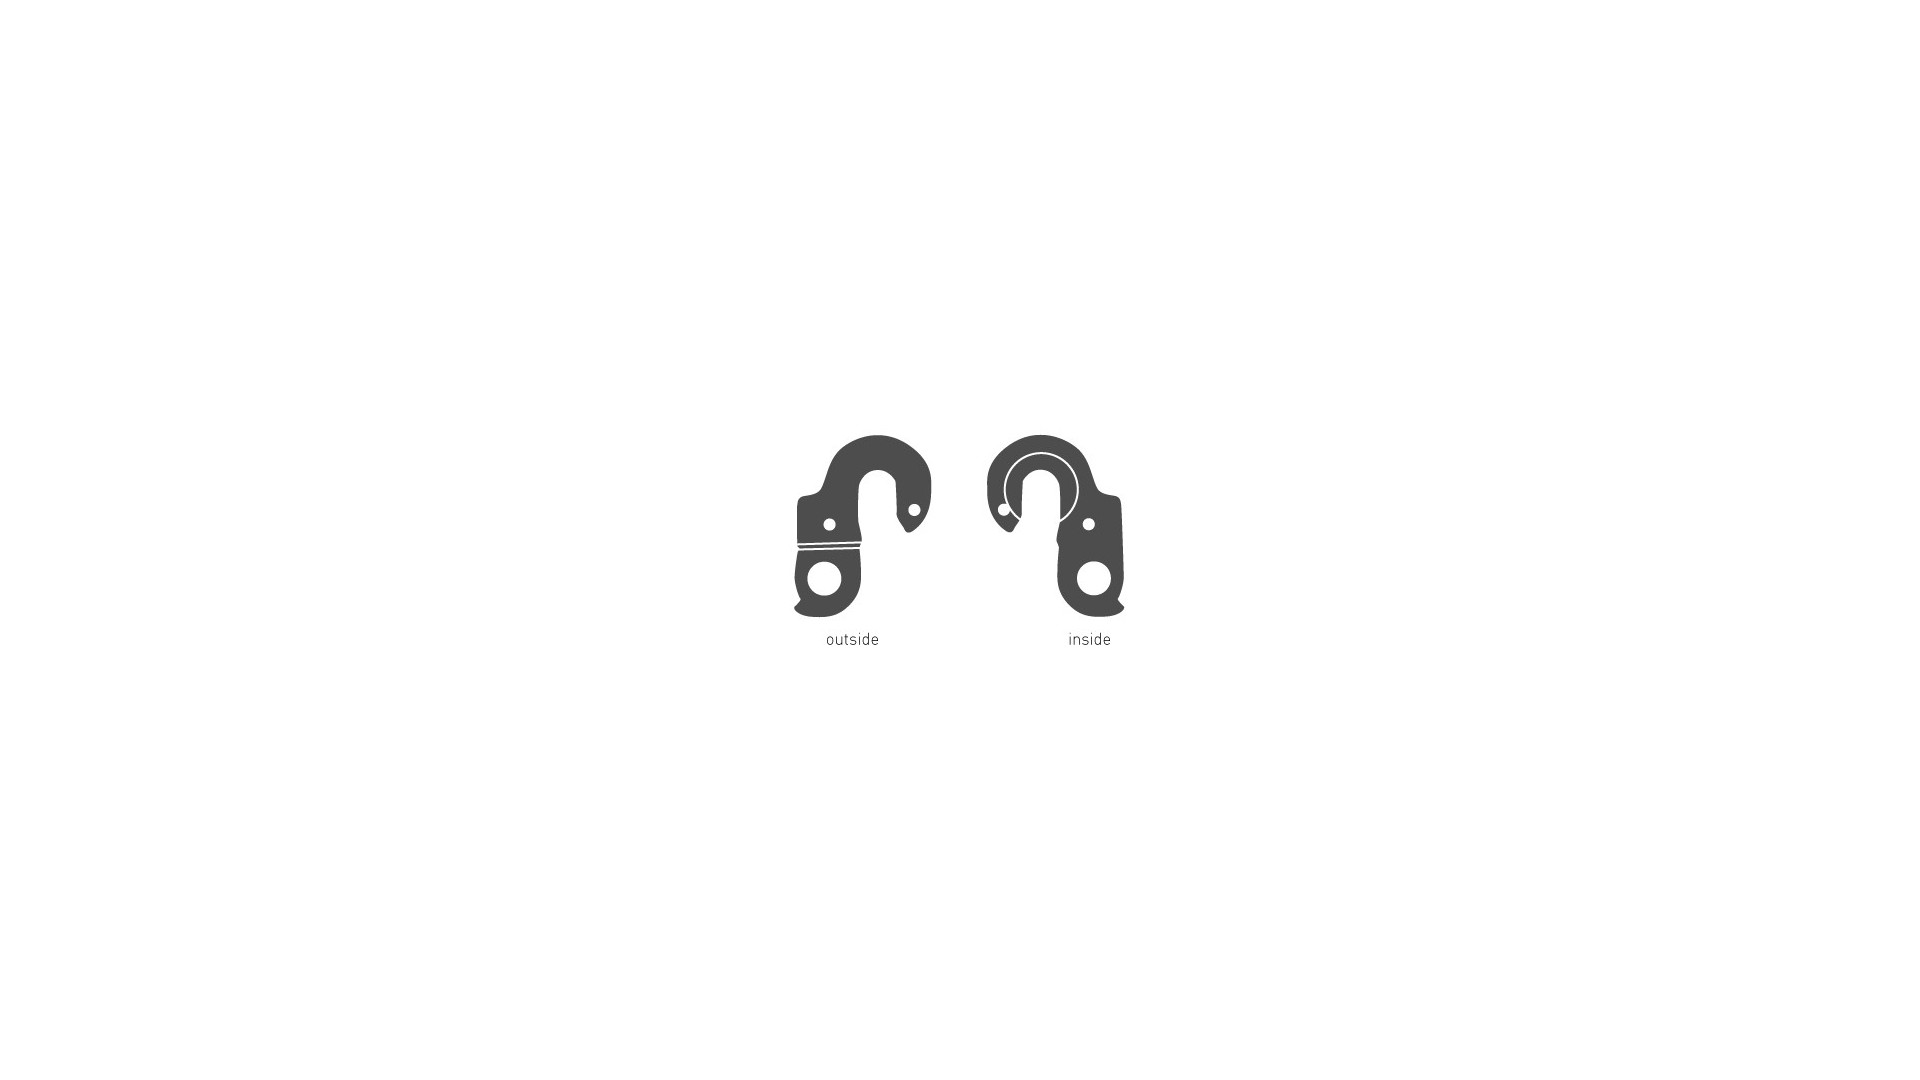 Крюк GHOST EZ1851 под 2 болта с резьбой внутренний